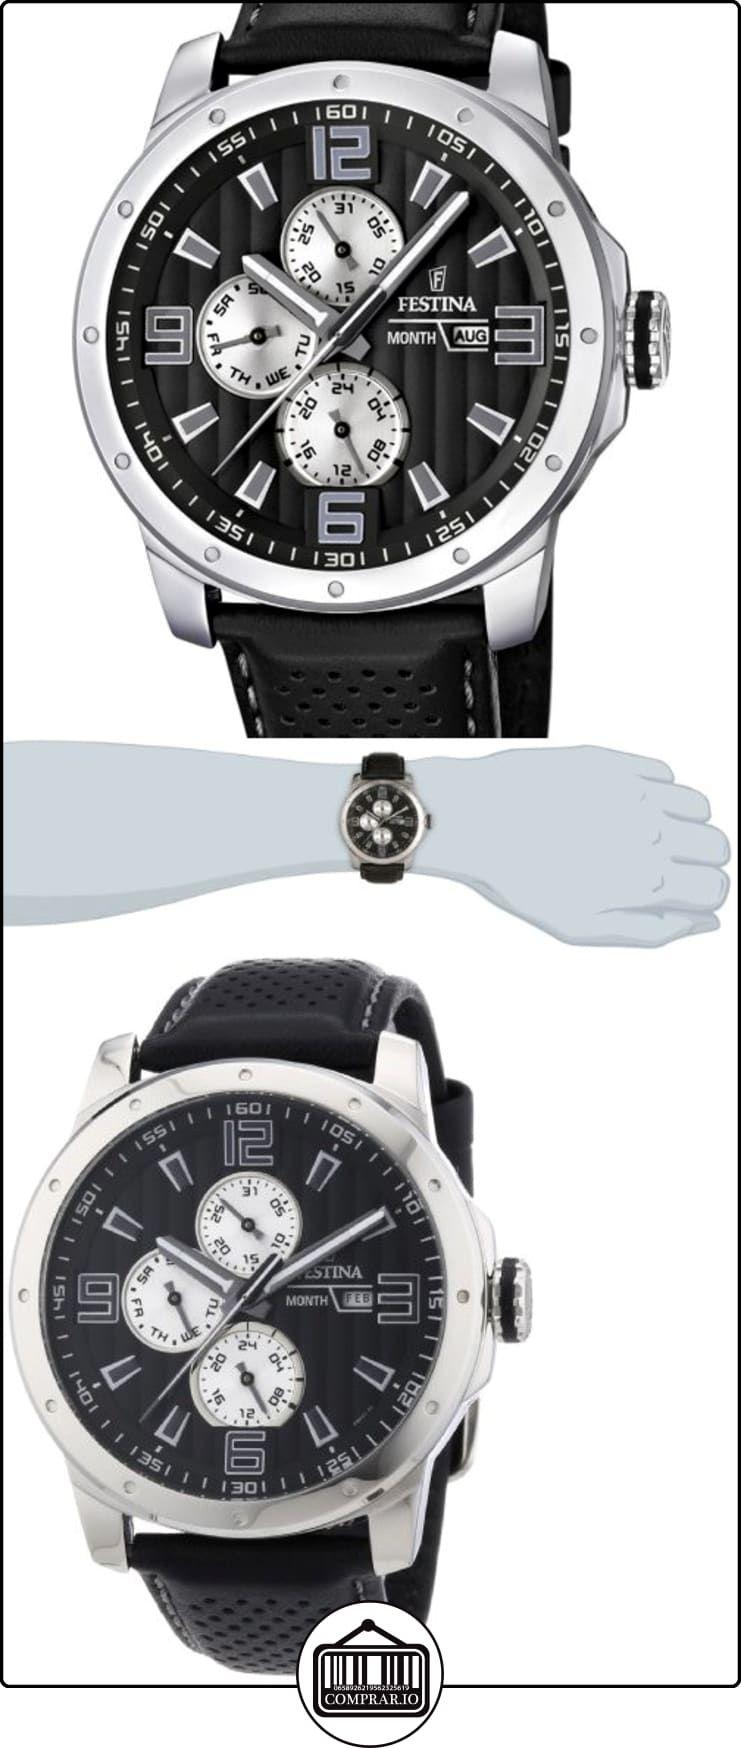 c276386e50de Festina Sport Multifunktion F16585 9 - Reloj analógico de cuarzo para hombre